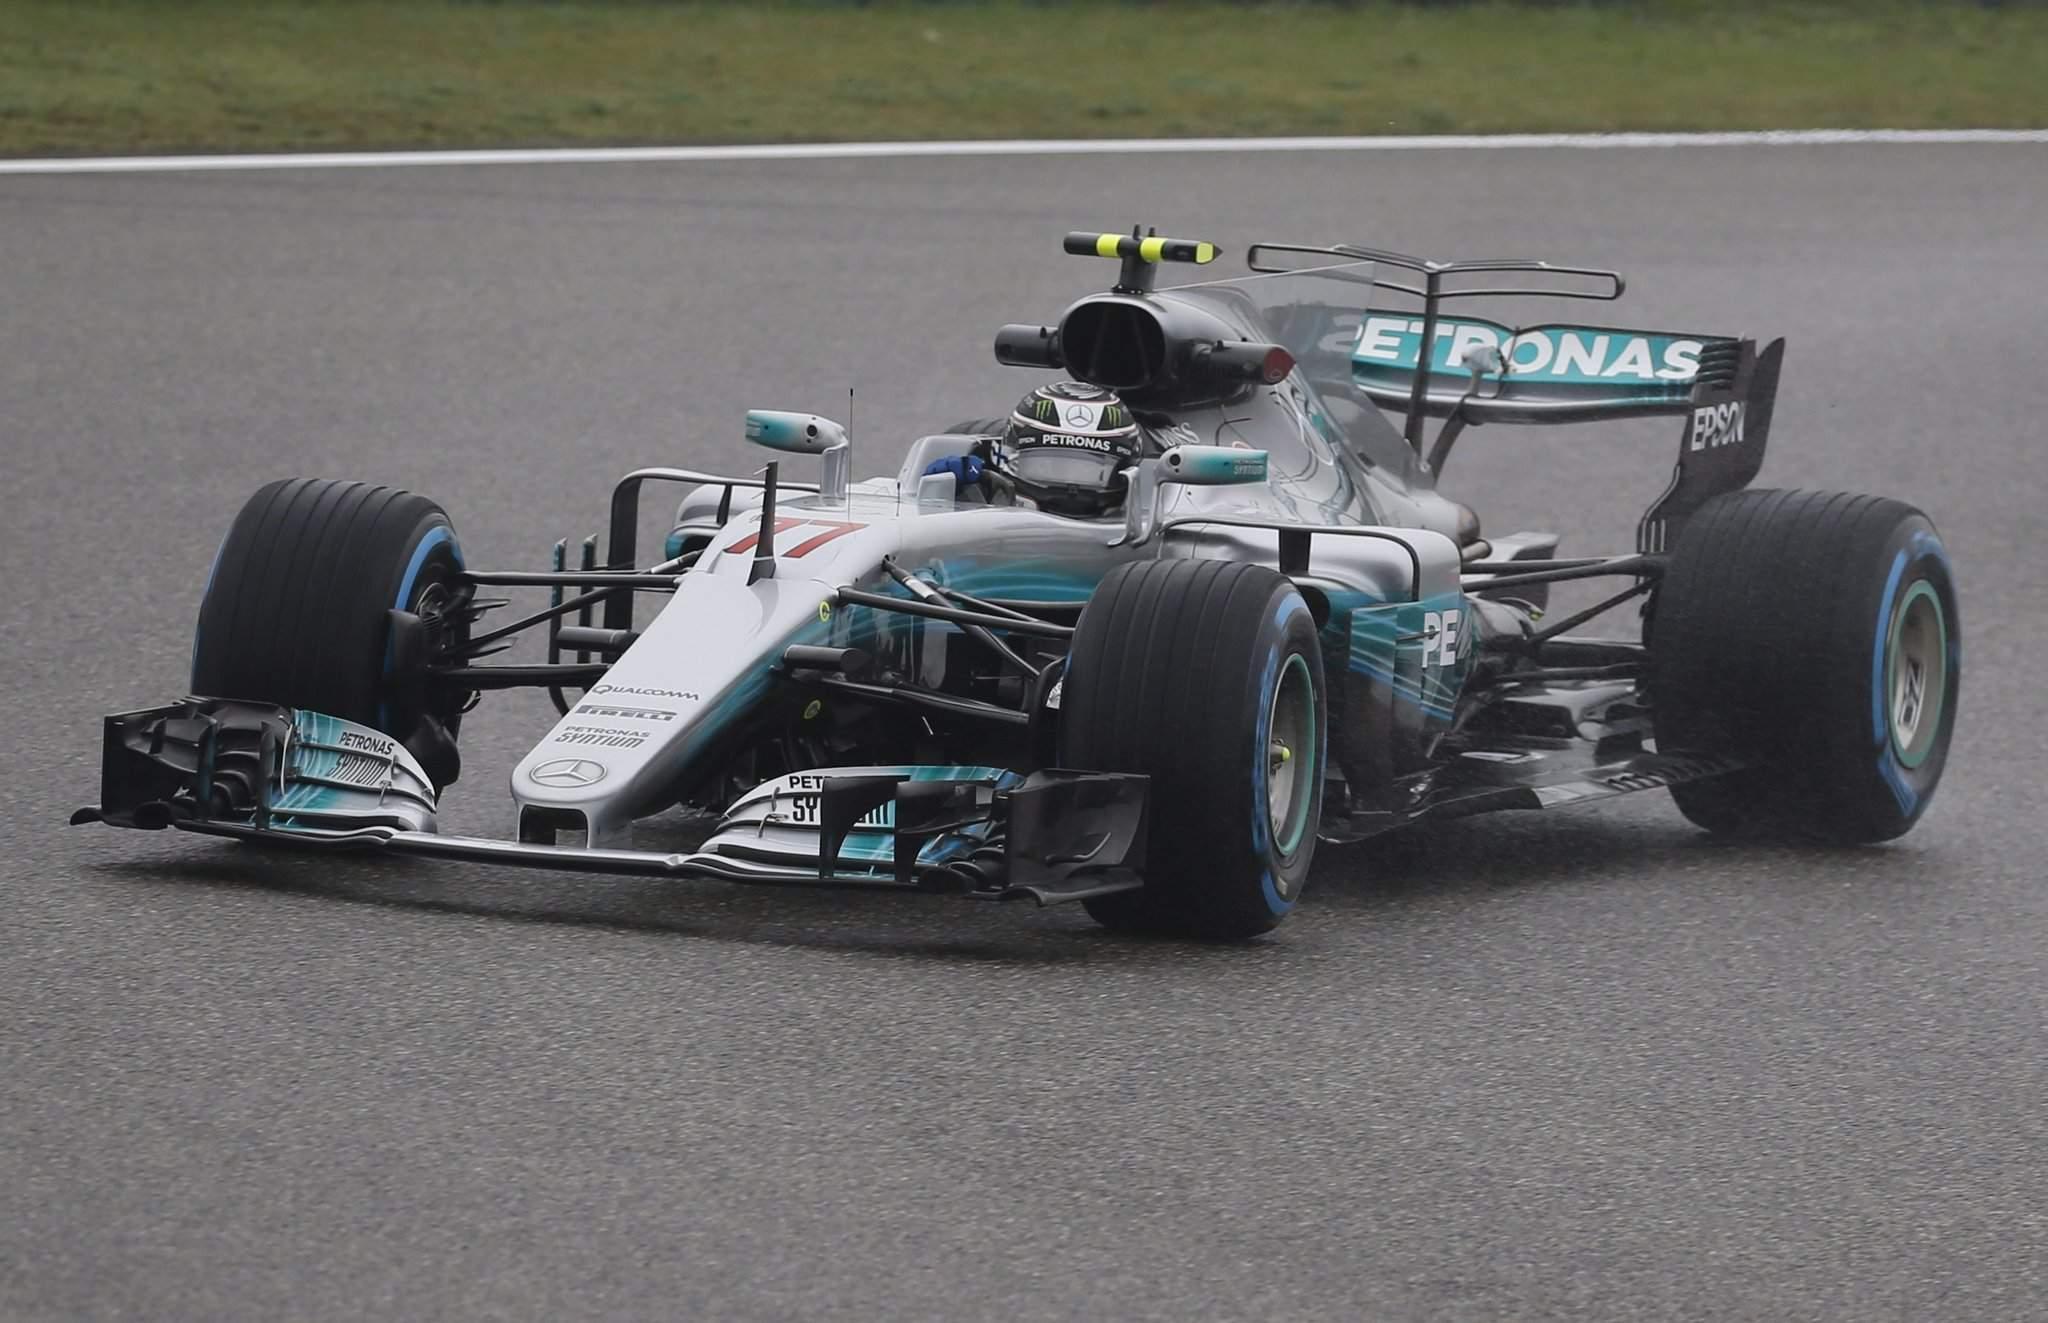 e426c05e3cc0 Valtteri Bottas, a Mercedes finn pilótája a Forma-1-es autós gyorsasági  világbajnokság Kínai Nagydíjának elsõ szabadedzésén a sanghaji pályán 2017.  április ...